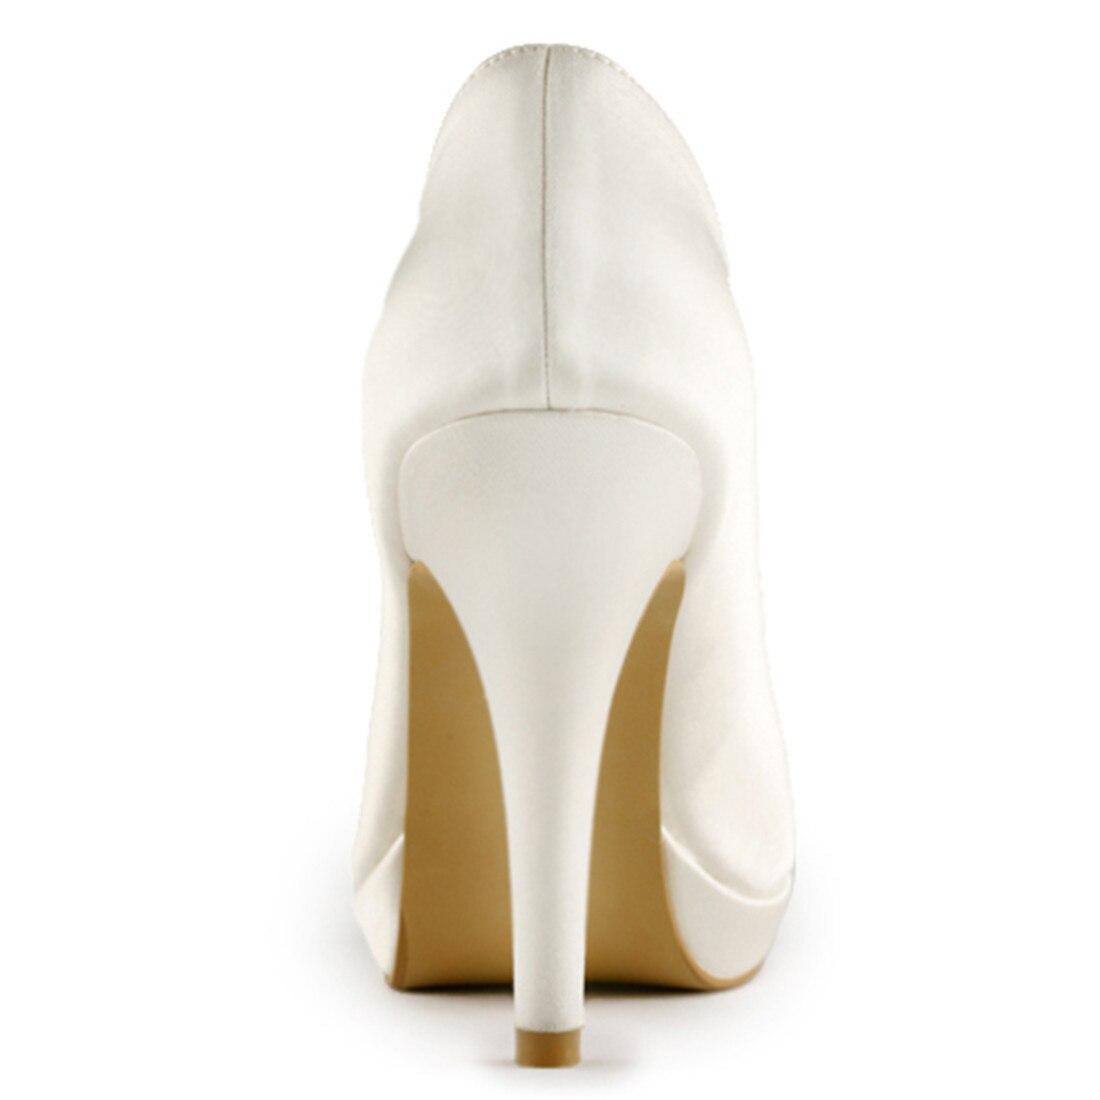 Elegante Dünne High Heels Braut Brautjungfer Elfenbein Weiß Champagner Plattform Pumpen Luxus Satin Hochzeit Schuhe Uninnova 521 1 LY - 6